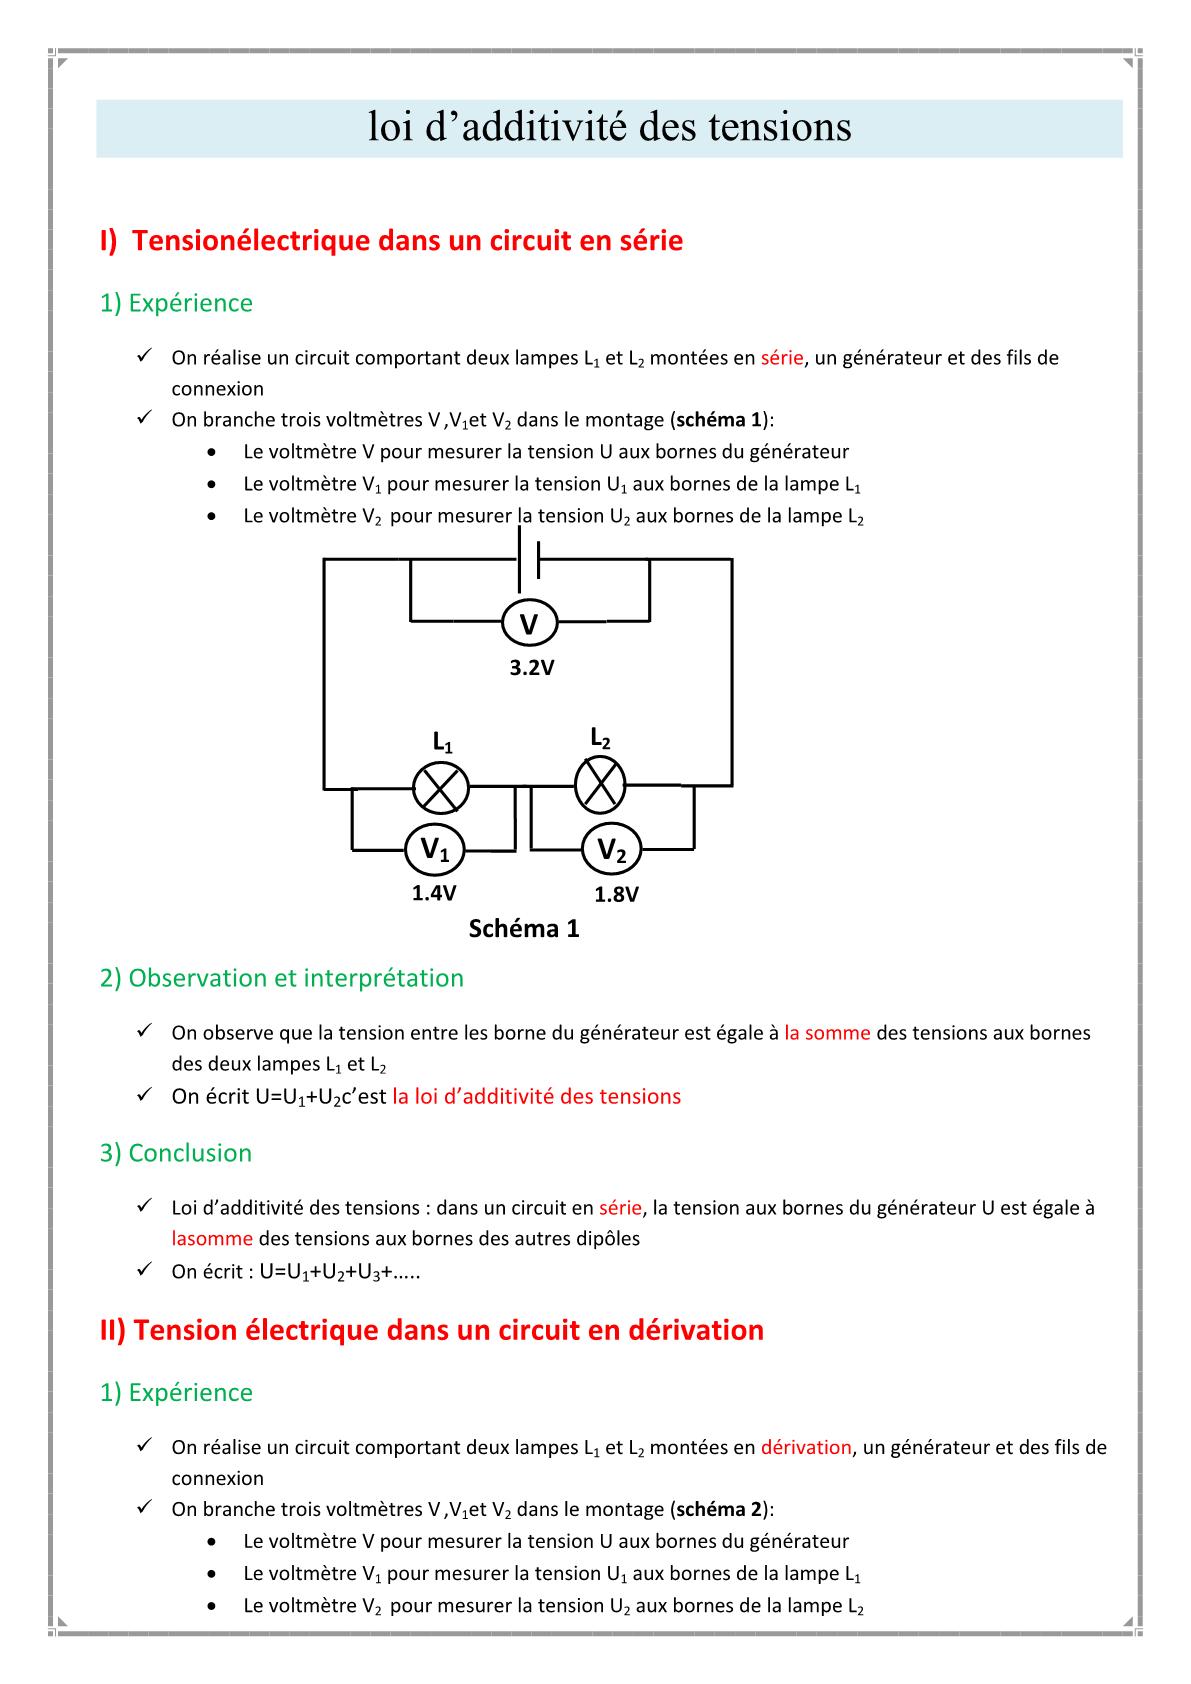 درس La loi d'additivité des tensions للسنة الأولى اعدادي